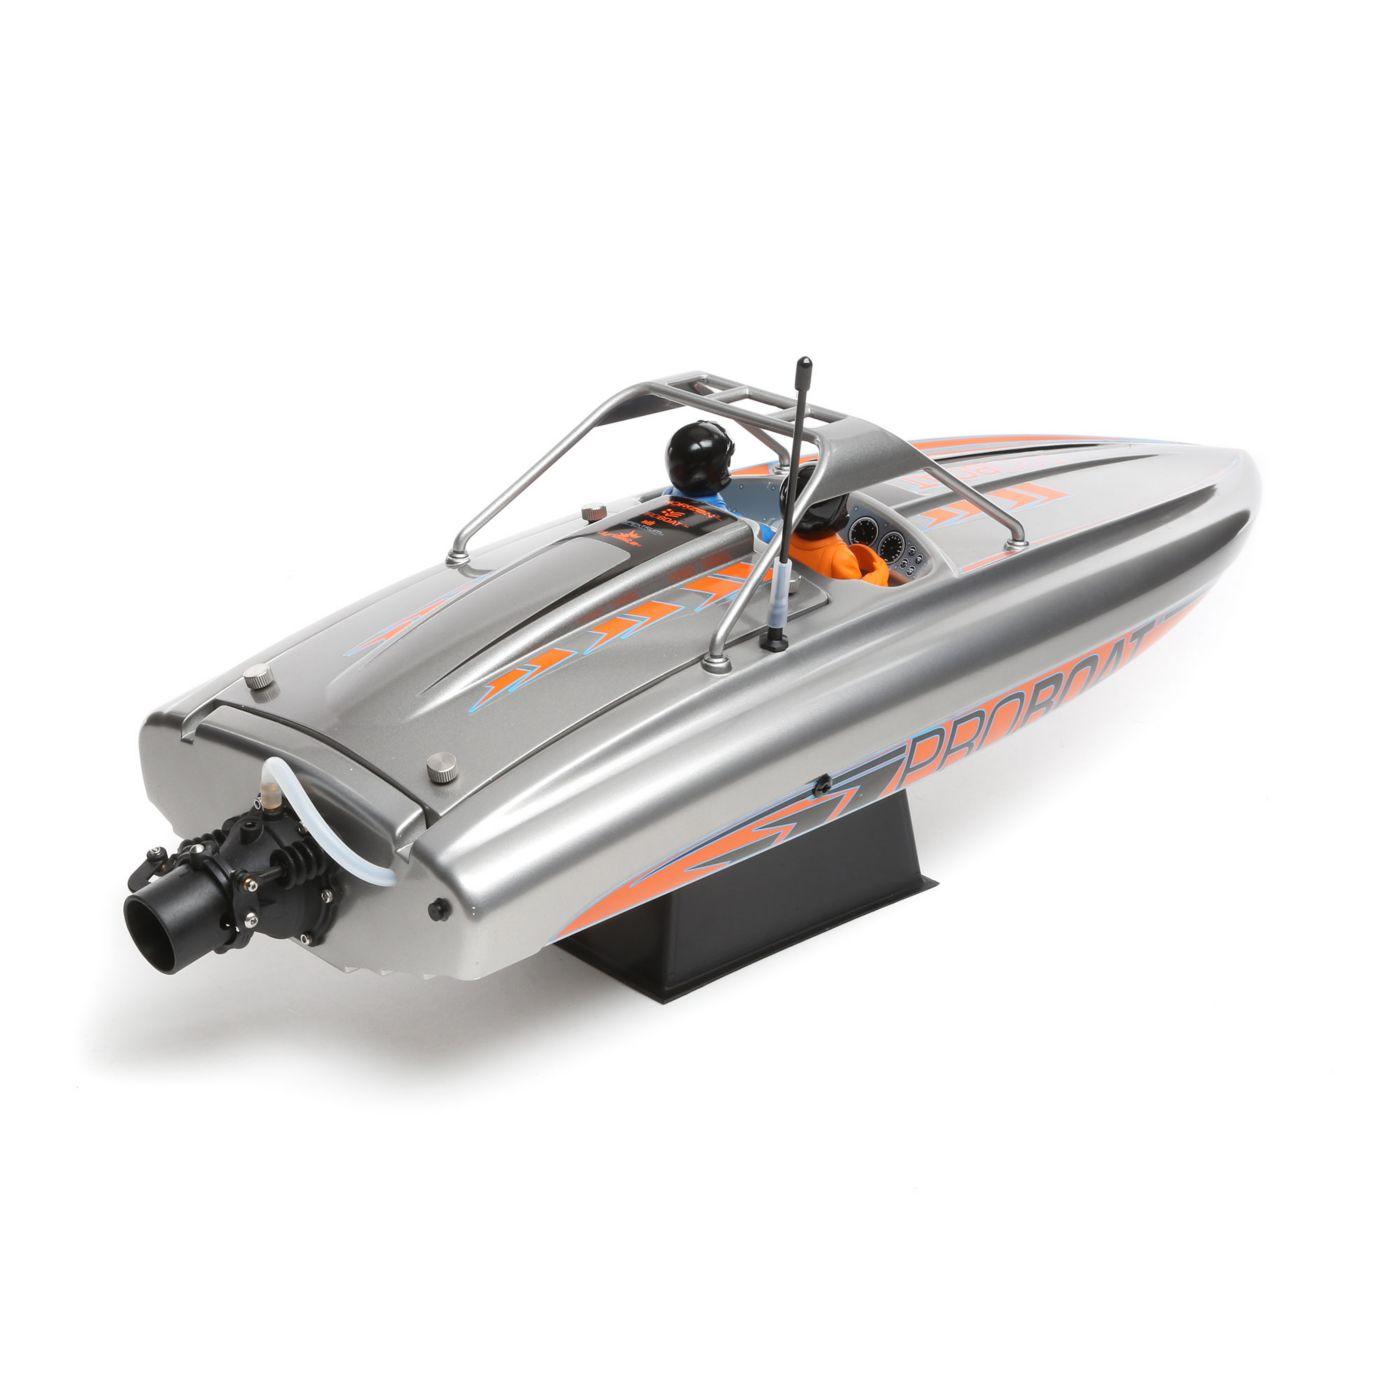 Proboat River Jet Boat motoscafo turbina rtr 02